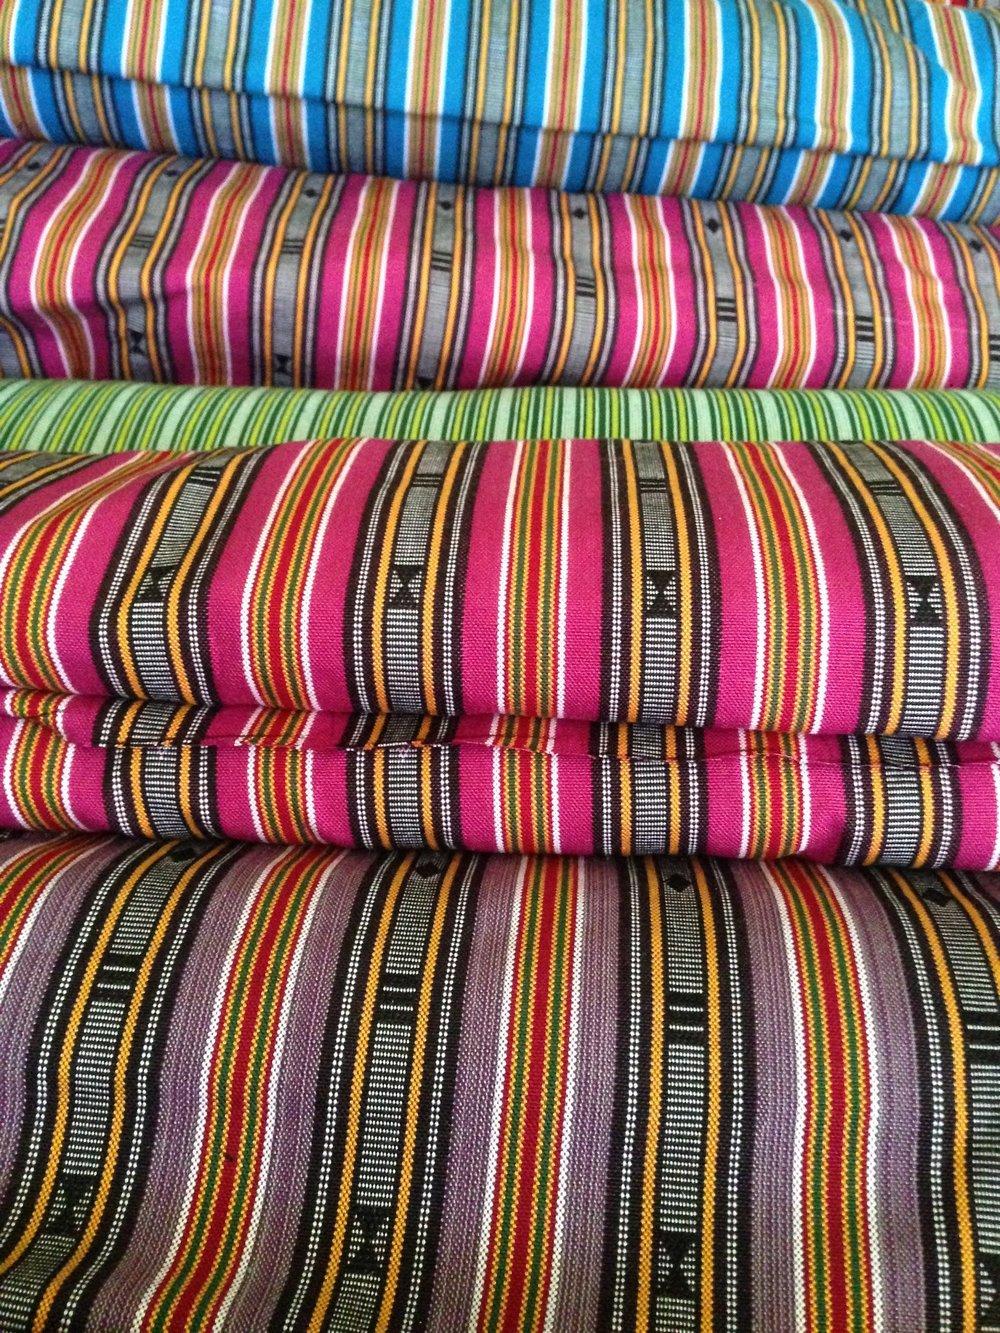 Sagada woven fabric